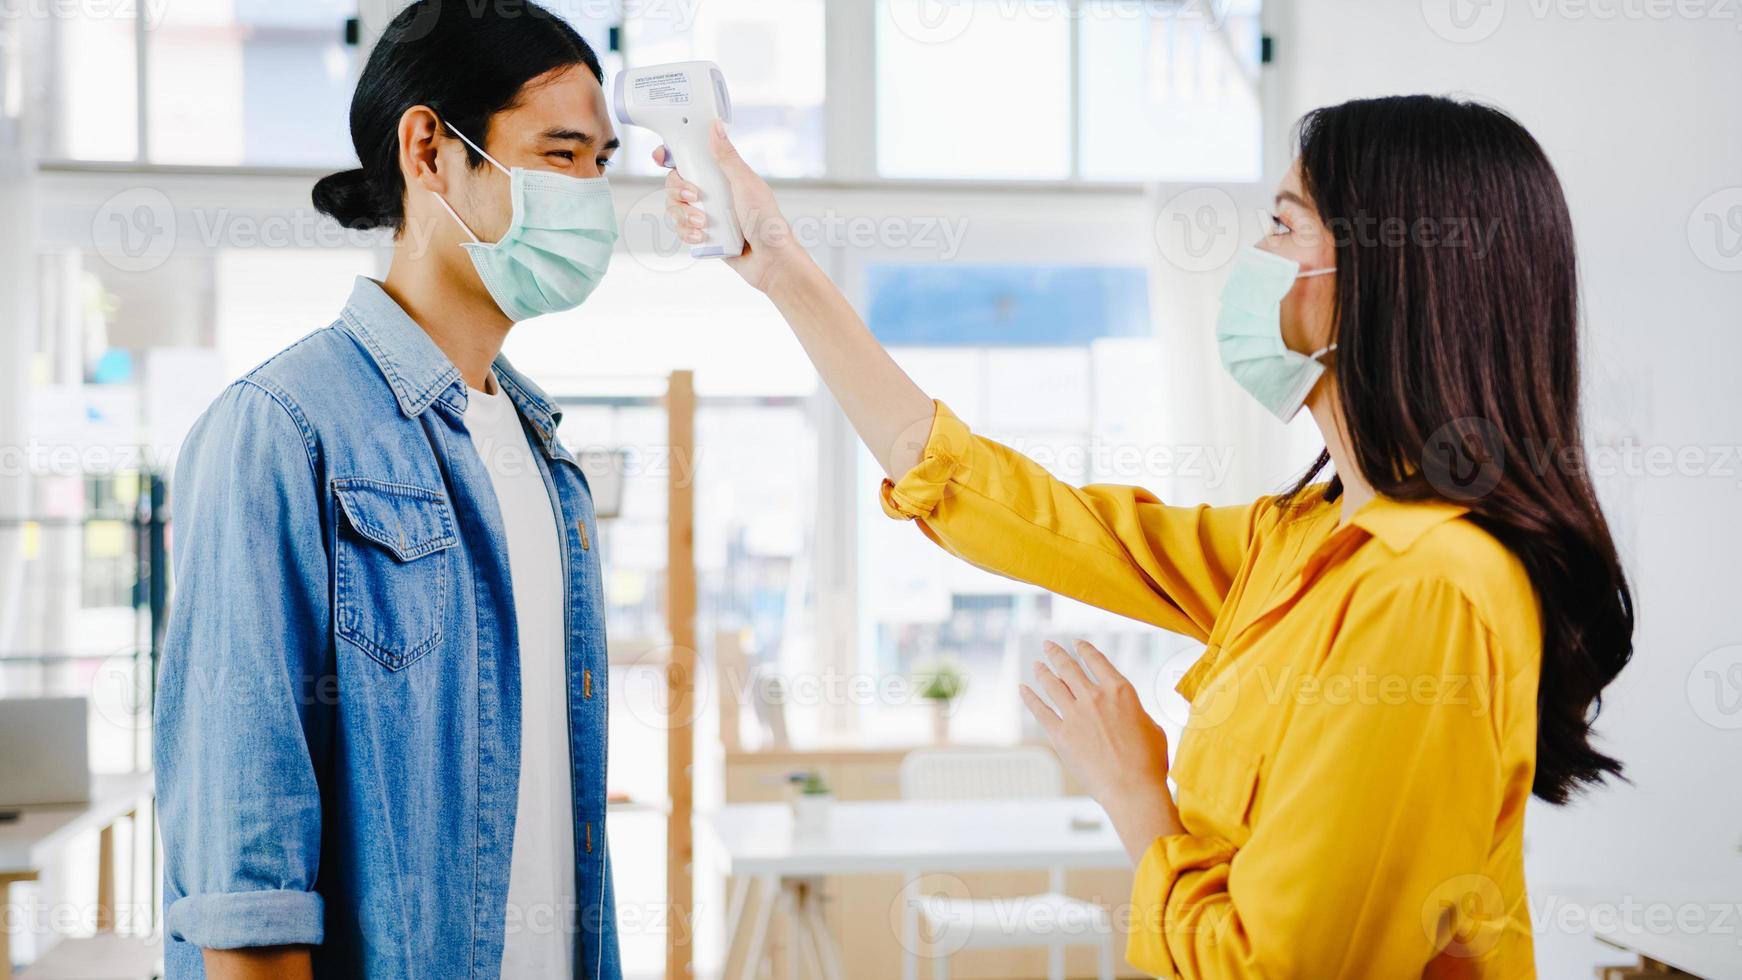 Recepcionista de asia que lleva a cabo el uso de una máscara protectora, use un termómetro infrarrojo o una pistola de temperatura en la frente del cliente antes de ingresar a la oficina. estilo de vida nuevo normal después del virus corona. foto